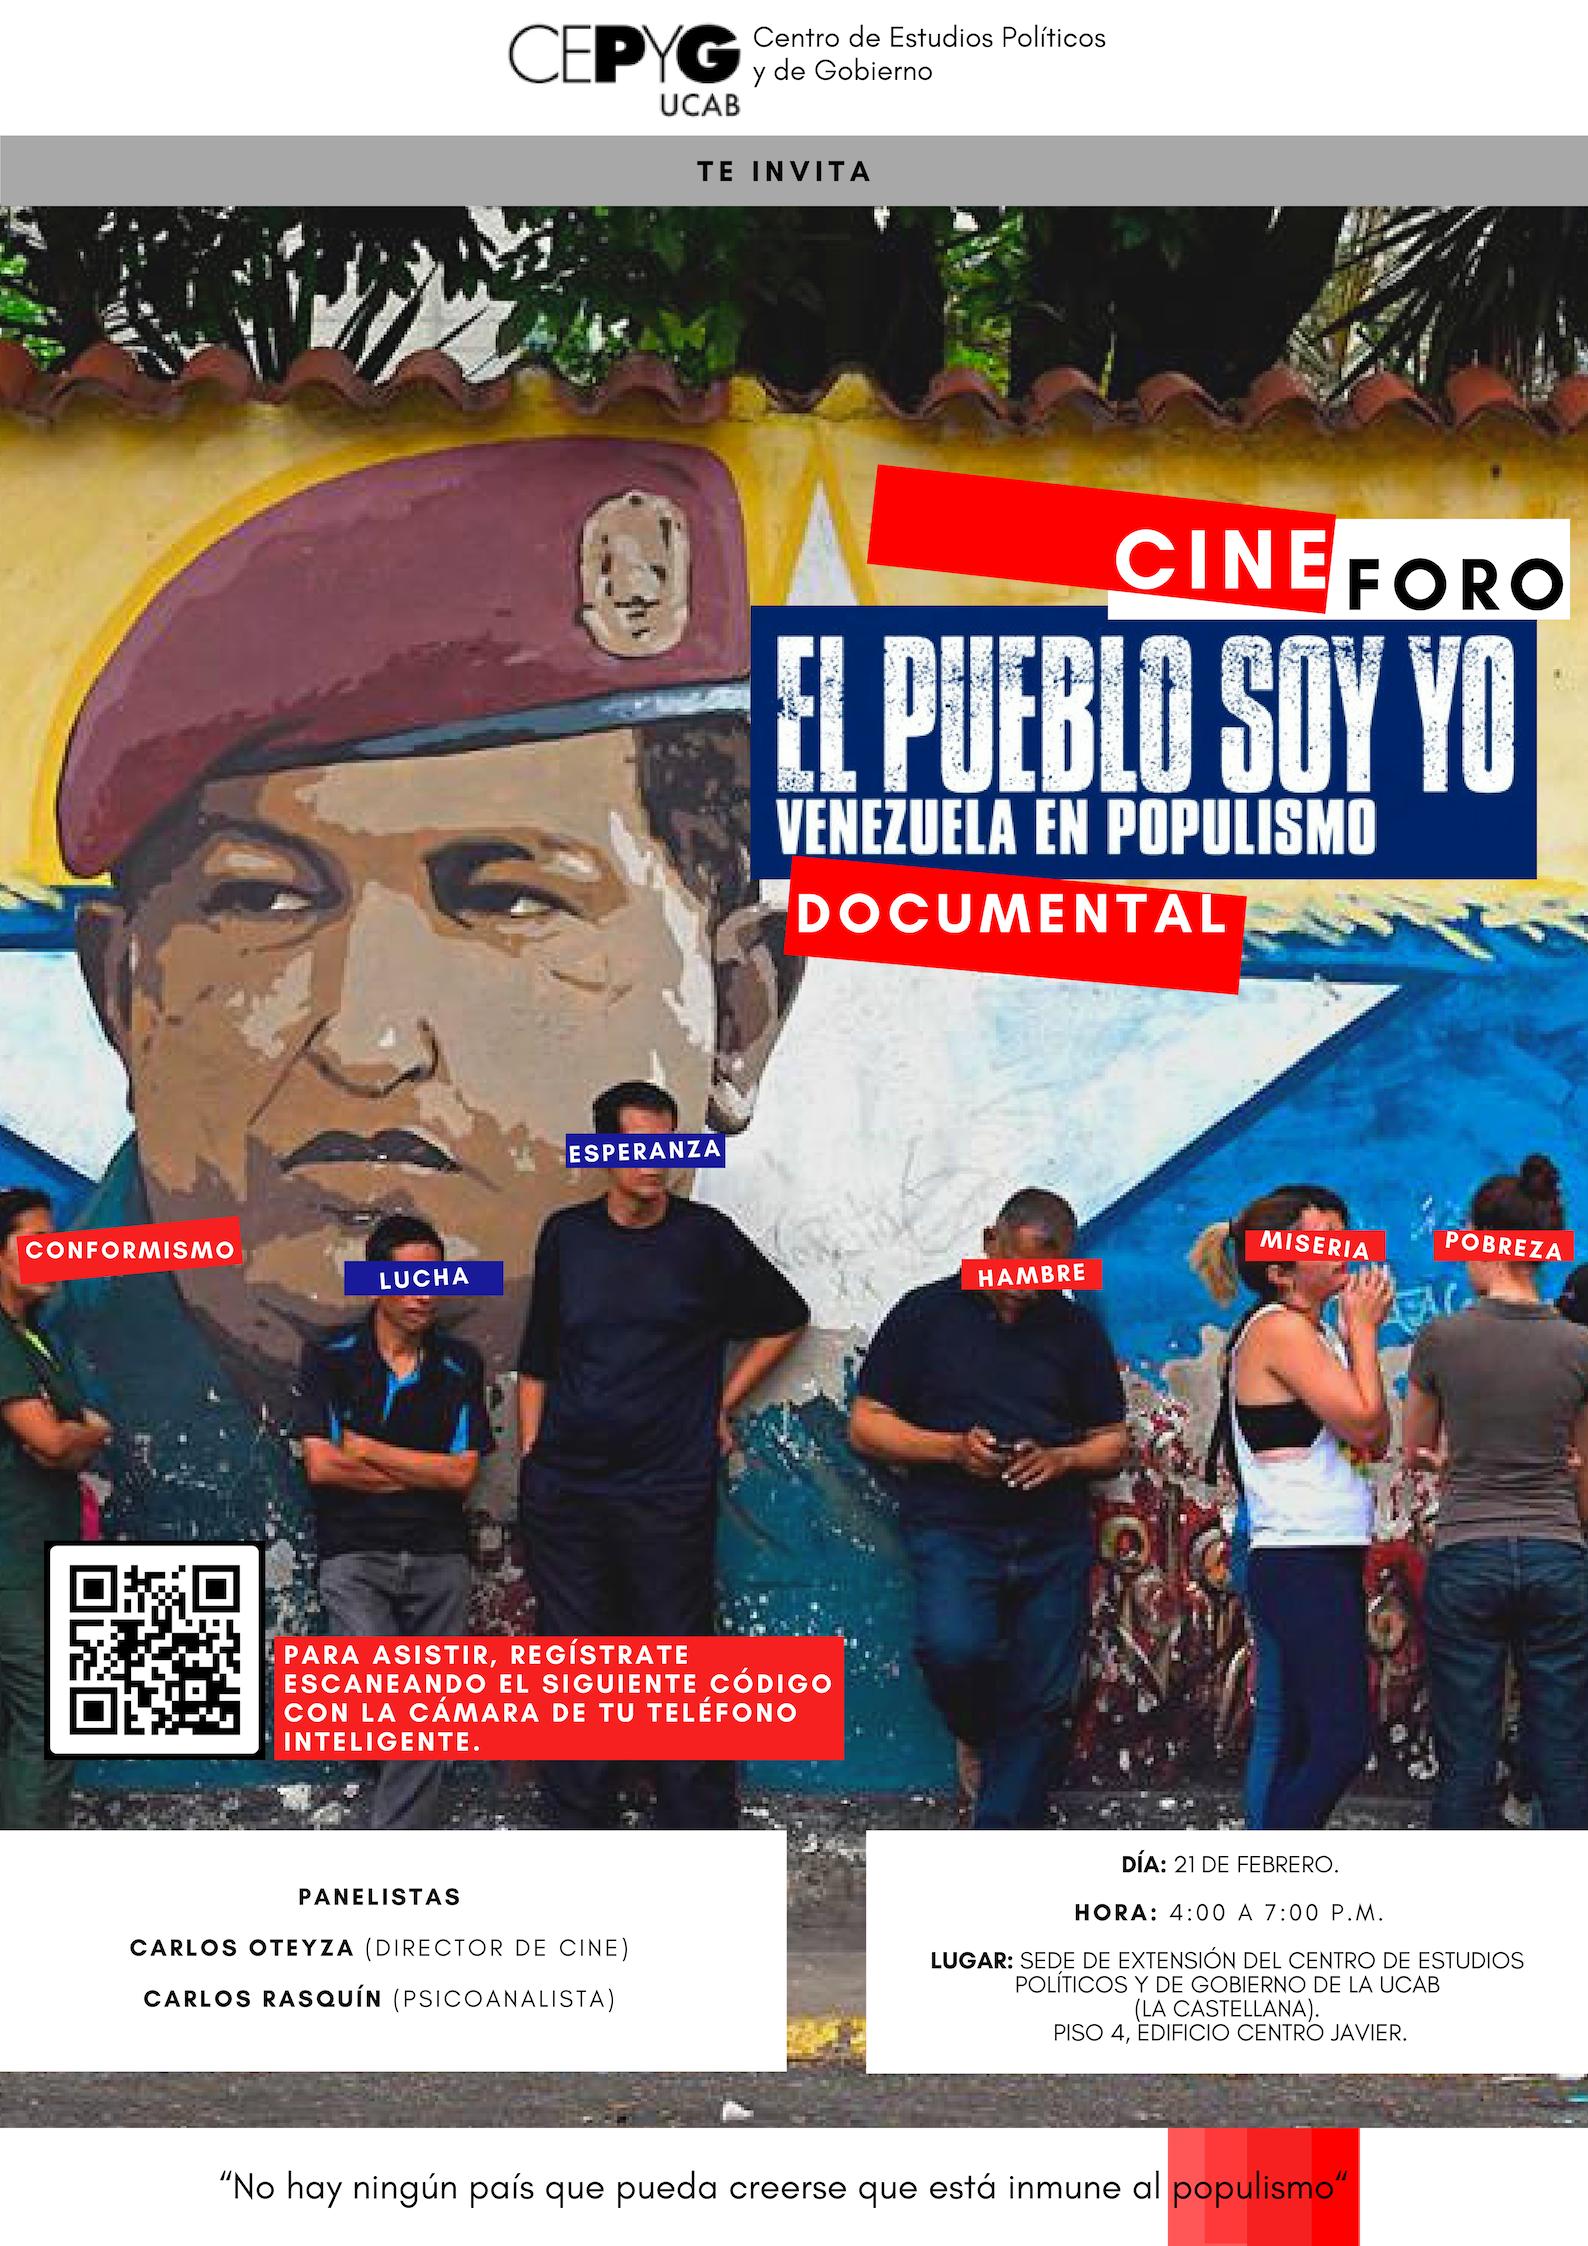 """El documental de Carlos Oteyza """"El pueblo soy yo"""" será proyectado en la  sede de extensión del Centro de Estudios Políticos y Gobierno"""